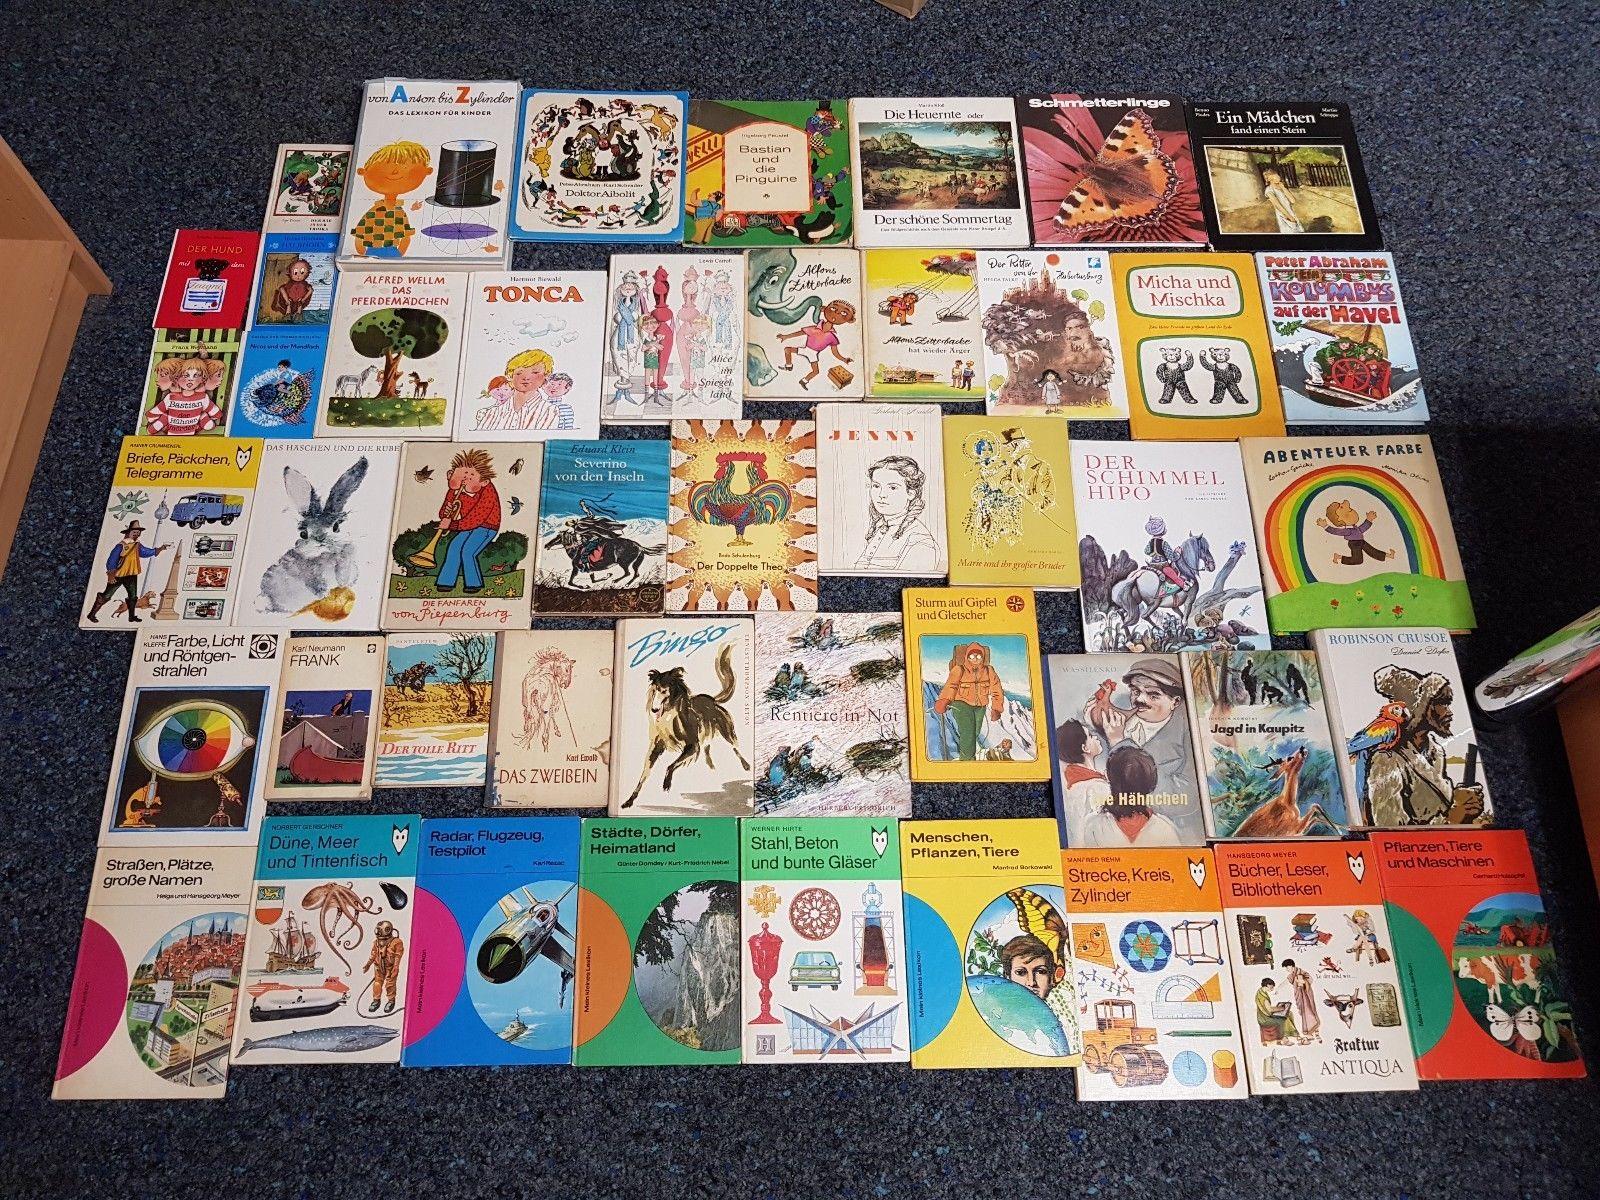 47 Stück alte Kinderbücher Jugendbücher aus DDR-Zeiten